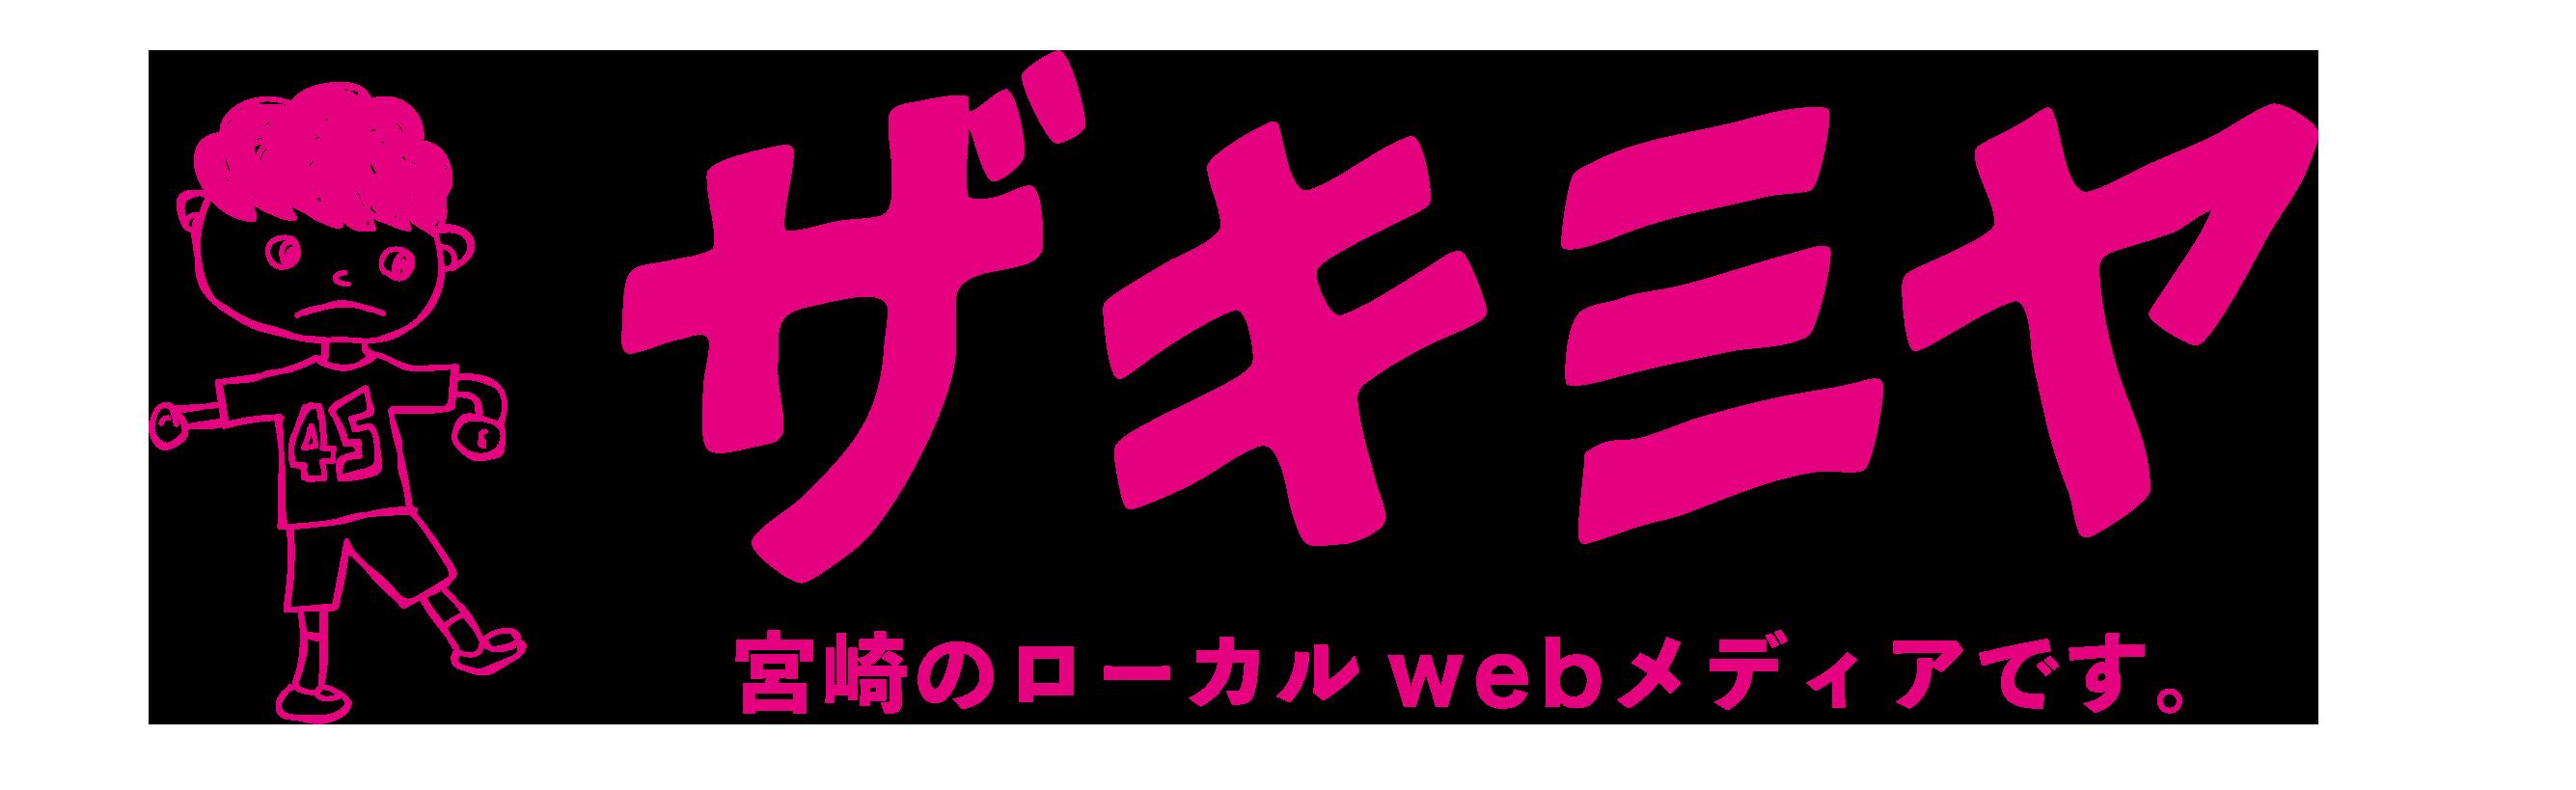 ザキミヤ ー 宮崎の魅力を伝える情報メディア